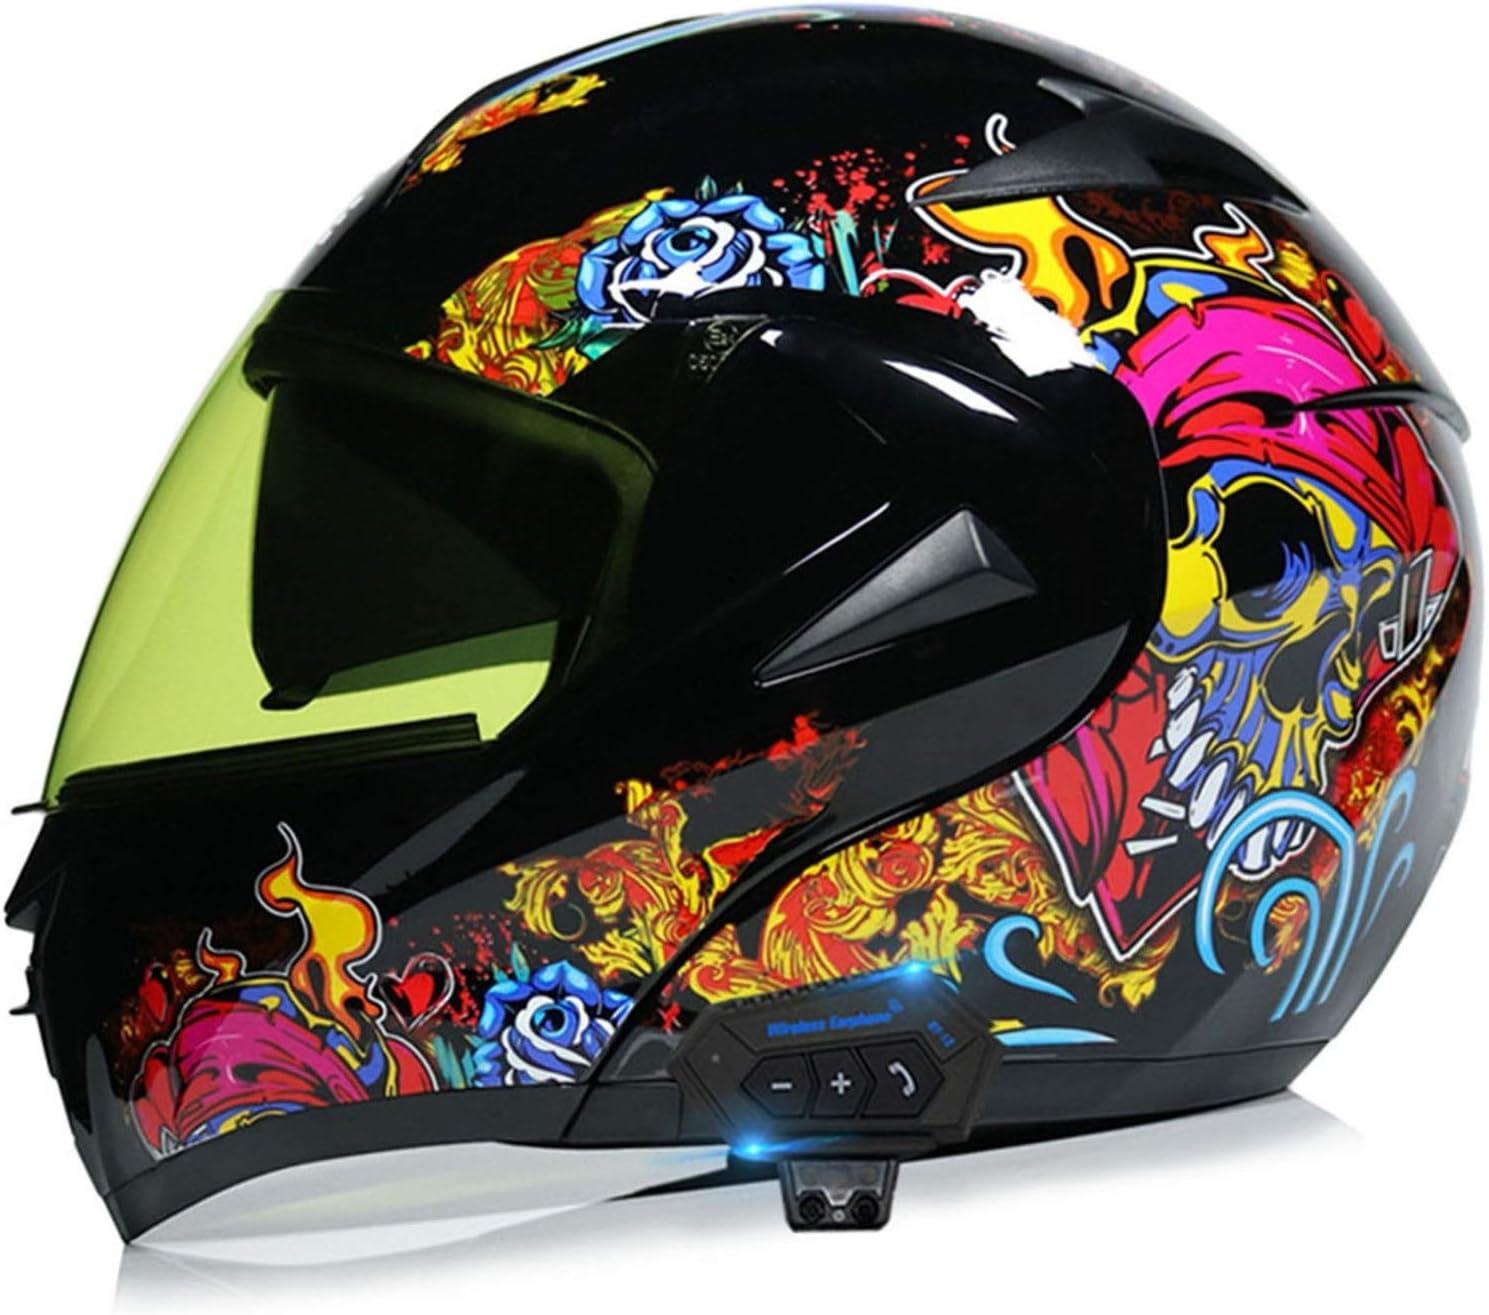 Cascos de Moto Bluetooth Modulares ECE Homologado Casco Integrado Motocross Racing Con Doble Visera Micrófono de Auricular Con Altavoz Incorporado Para Respuesta Automática V,M